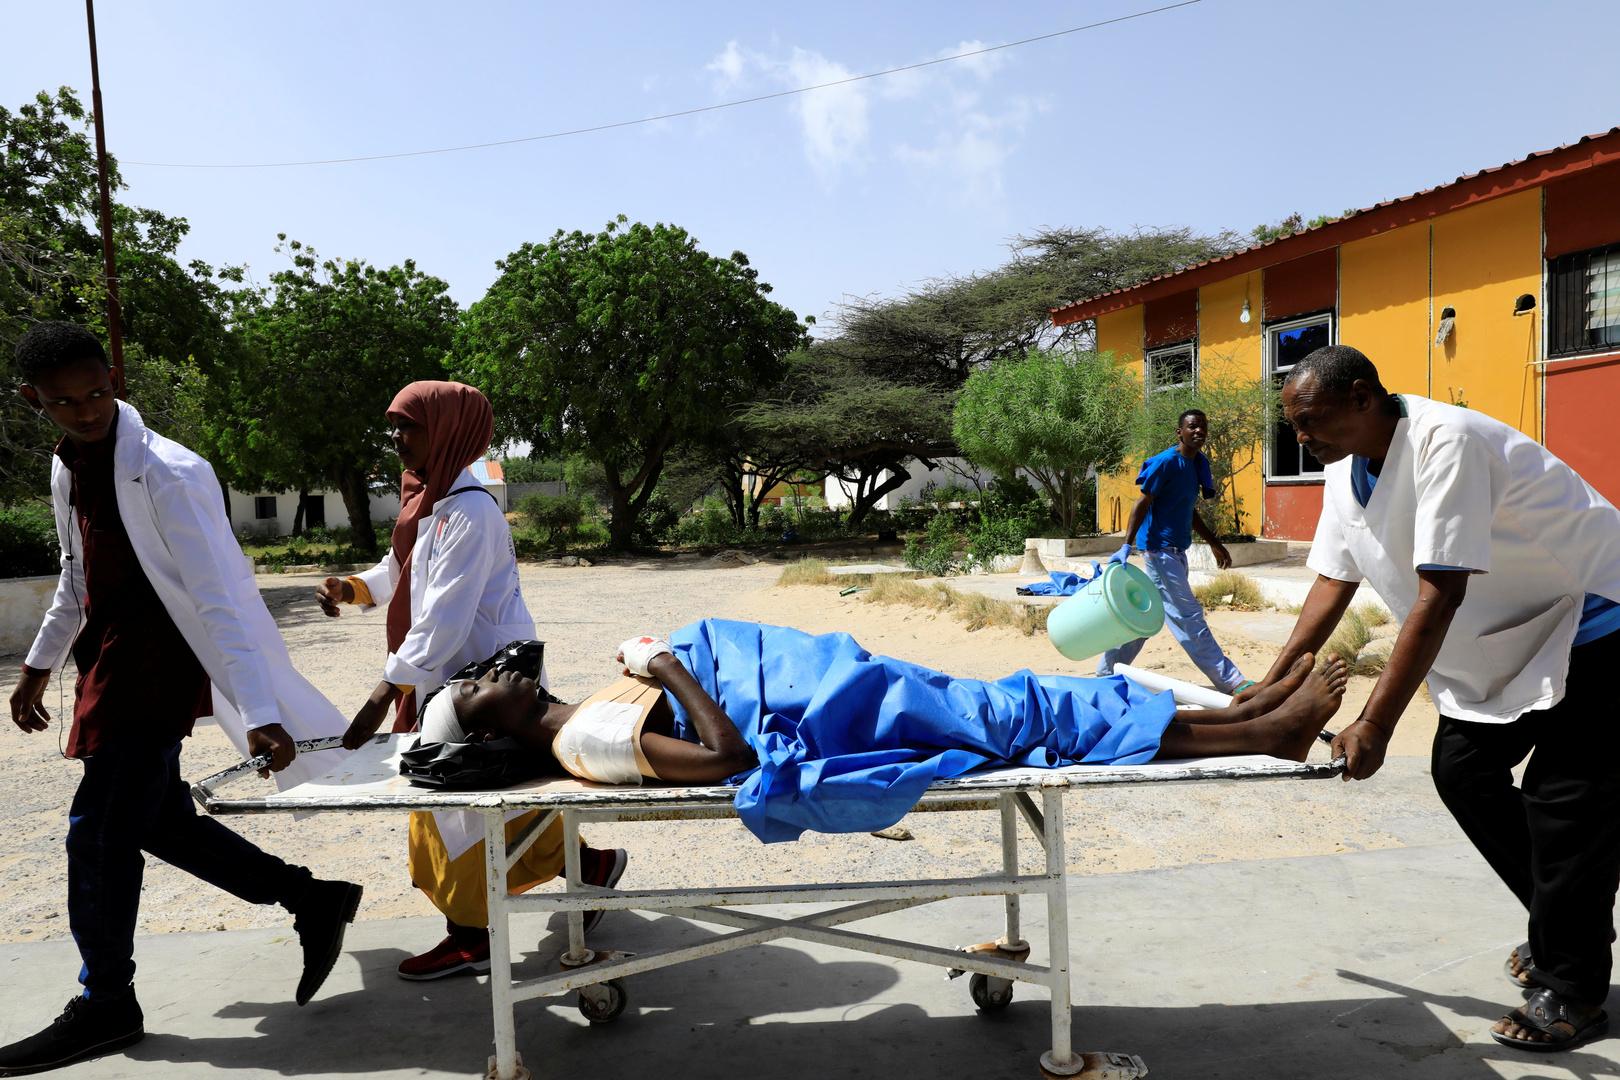 قتلى وجرحى بينهم أتراك بتفجير انتحاري في الصومال